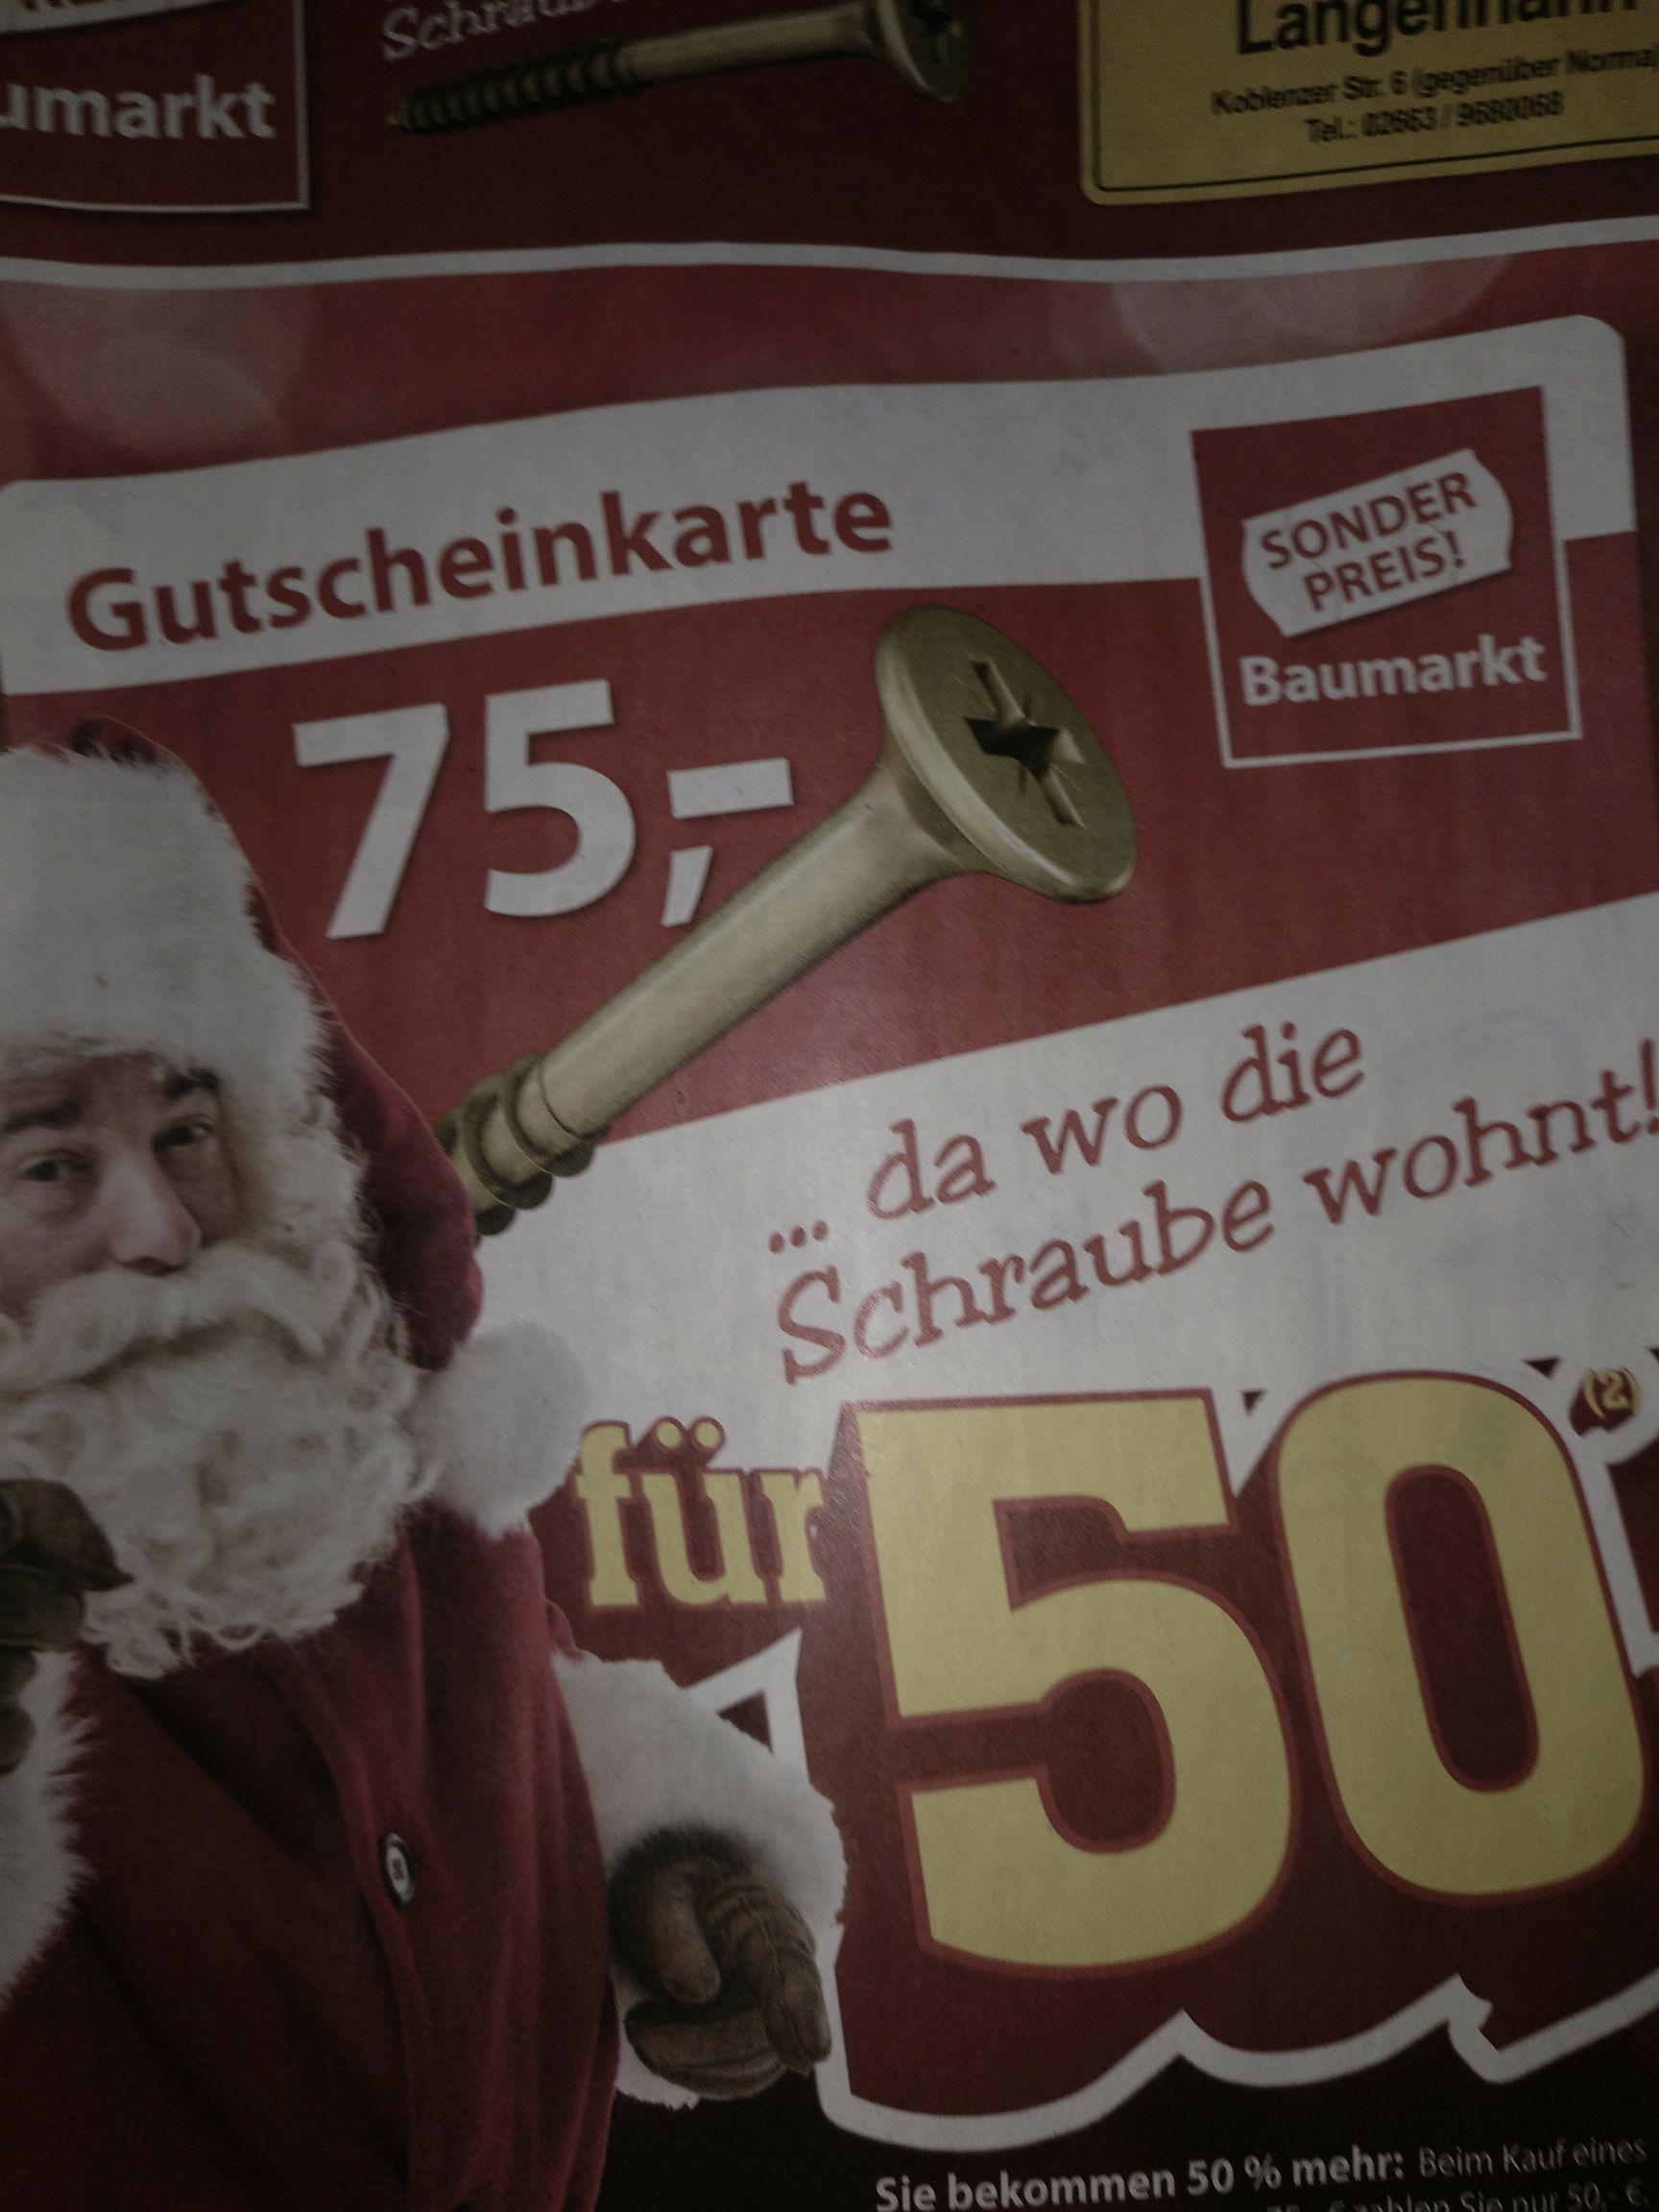 75€ Gutschein für 50€ Sonderpreis Baumarkt